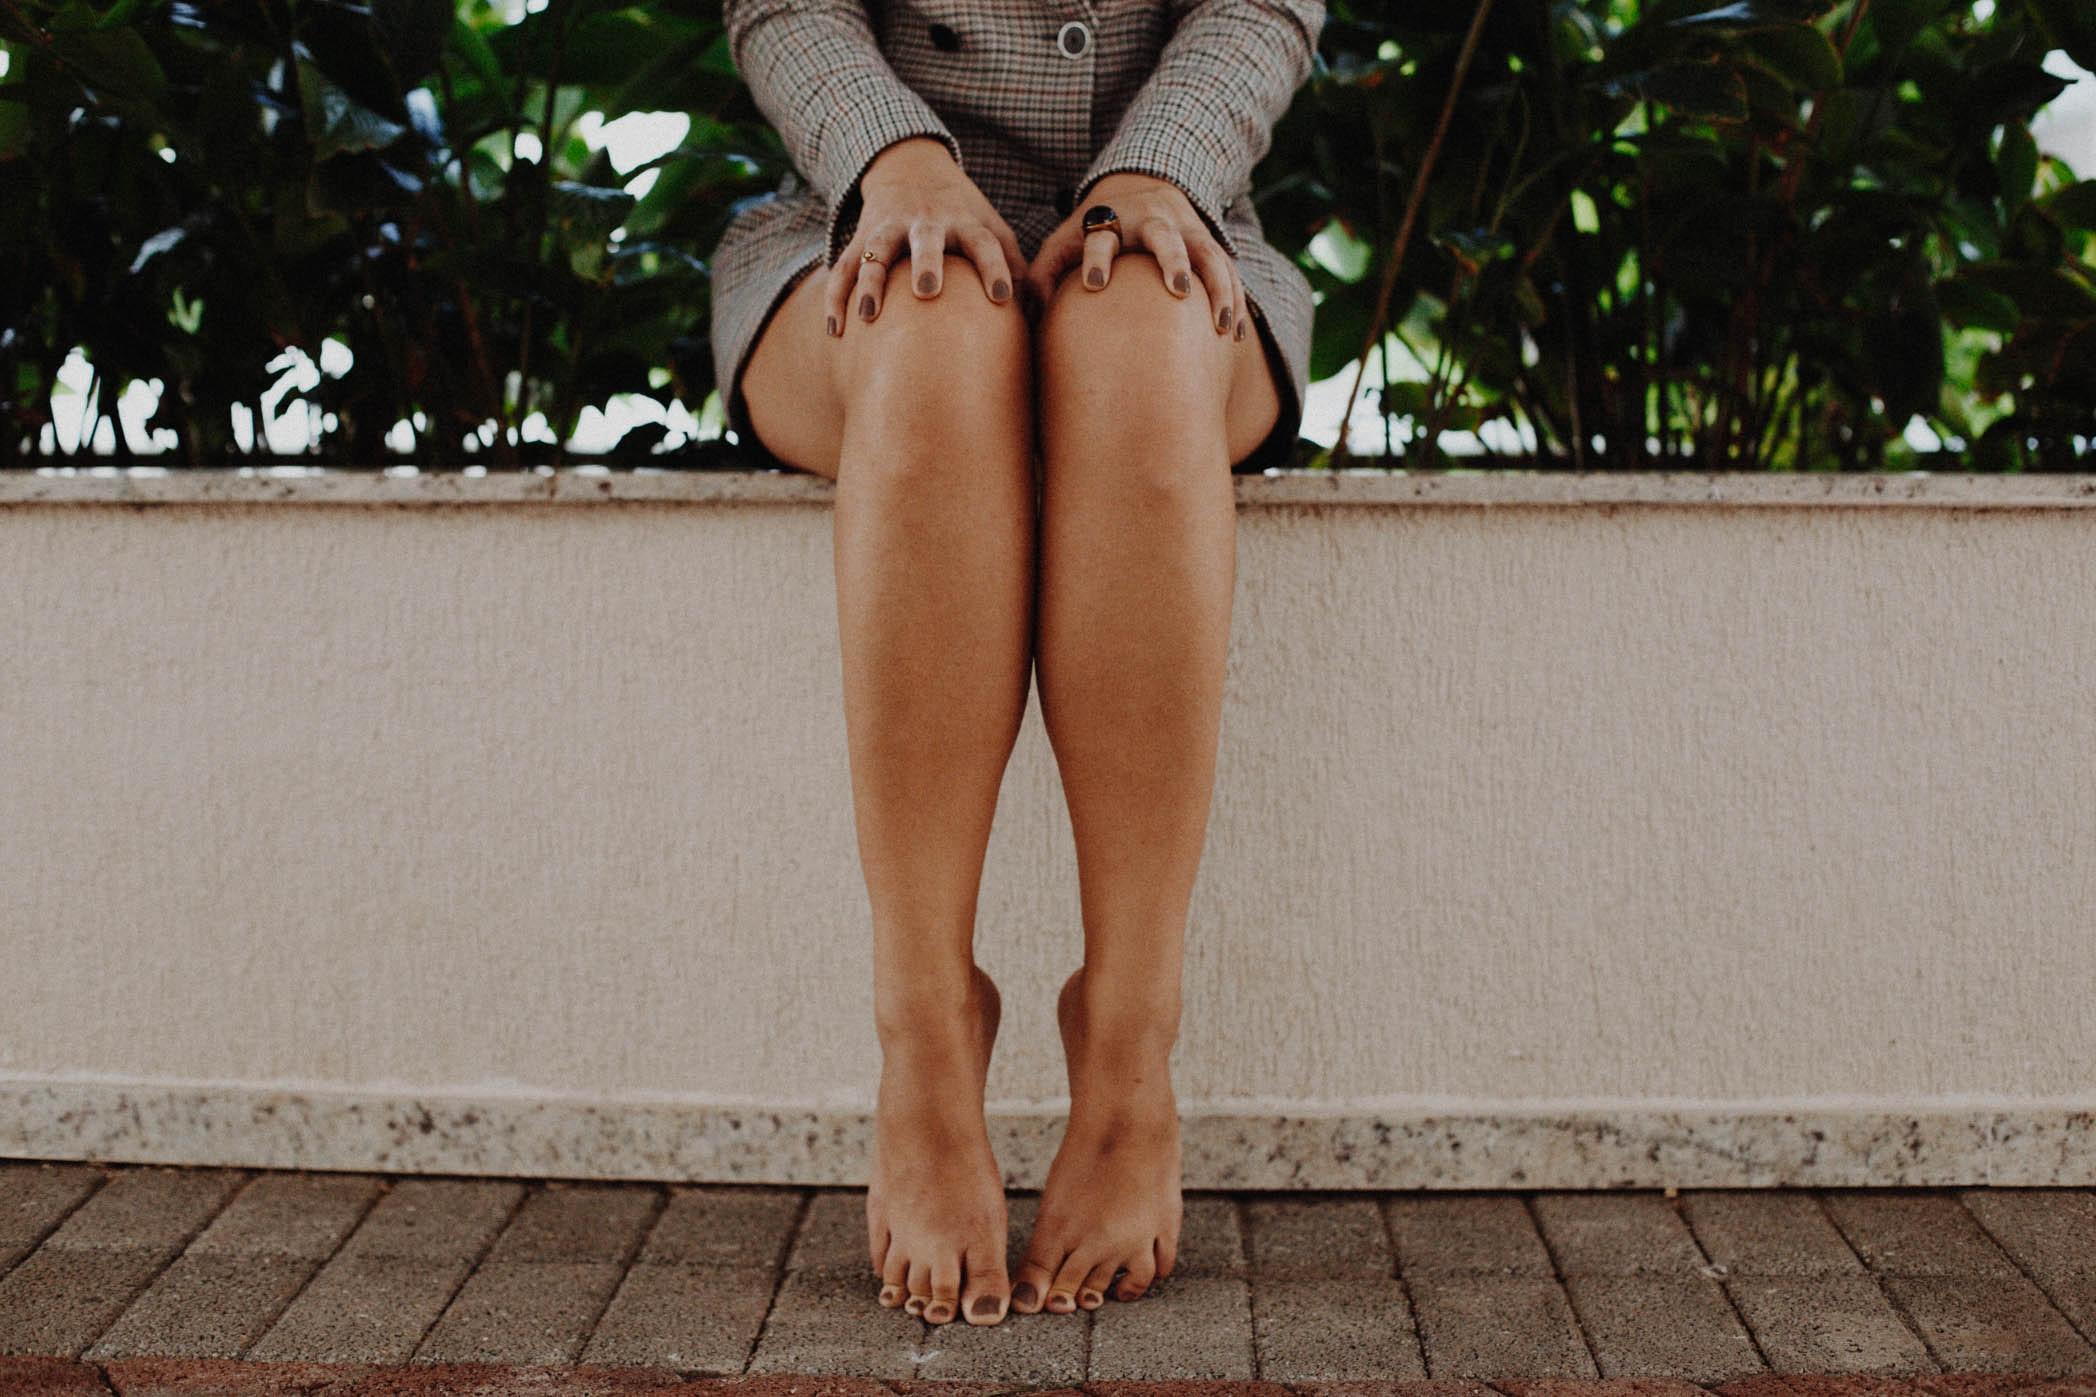 barefoot-daylight-dress-839605.jpg